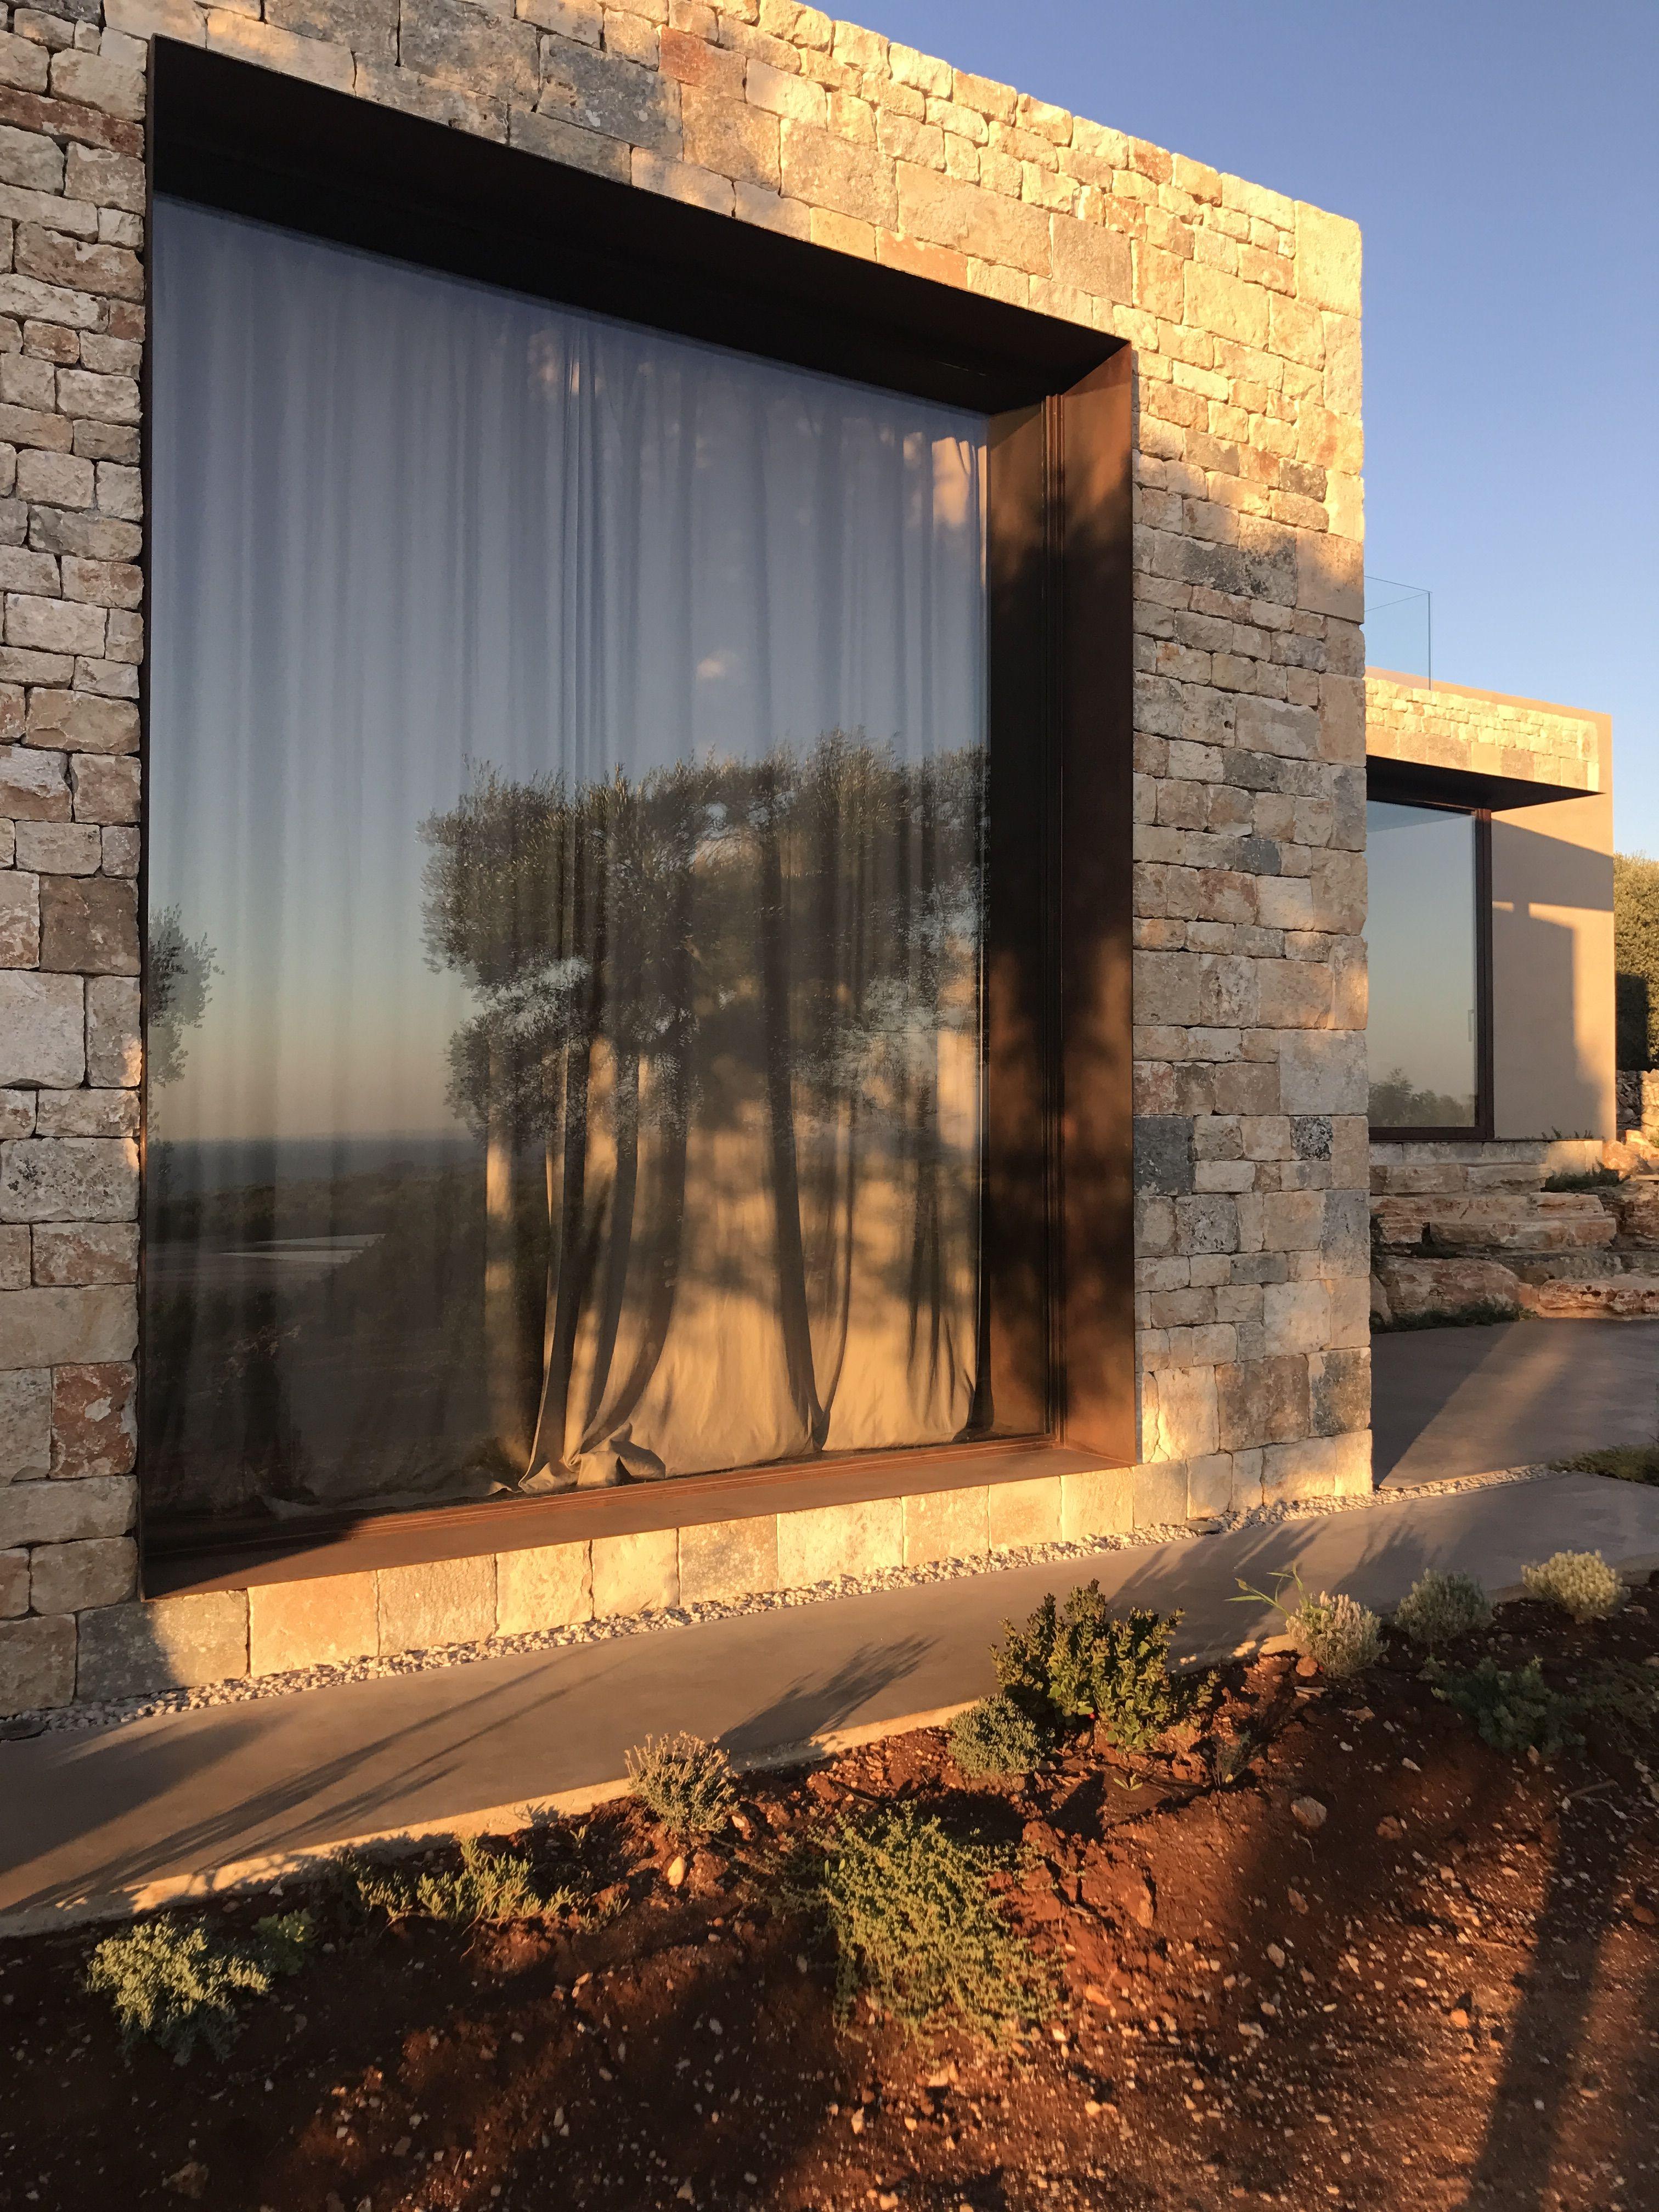 Architettura moderna fortemente radicata con il paesaggio circostante E l ultimo pro to del gruppo Villa Camilla Collection in Puglia Apulia a…